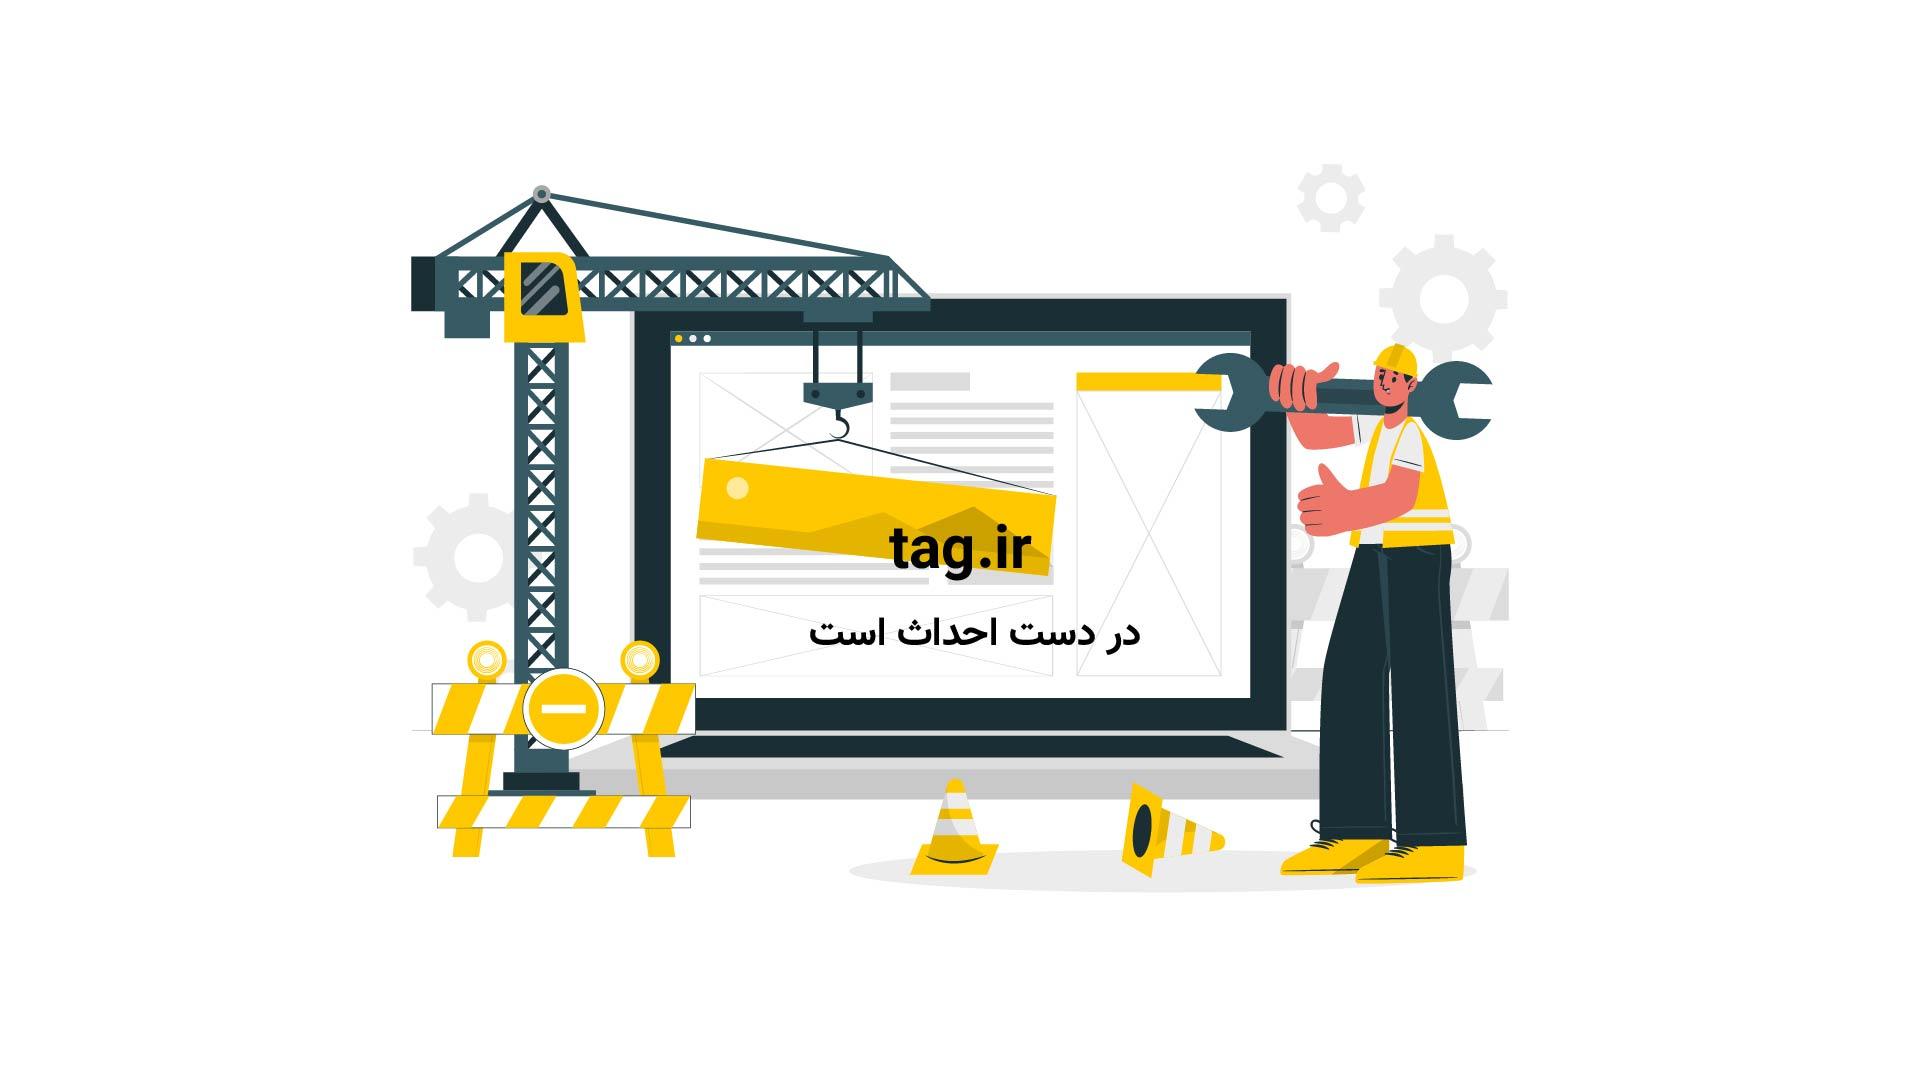 سخنرانیهای تد؛ چگونه میتوانیم تصمیمات سخت بگیریم | فیلم